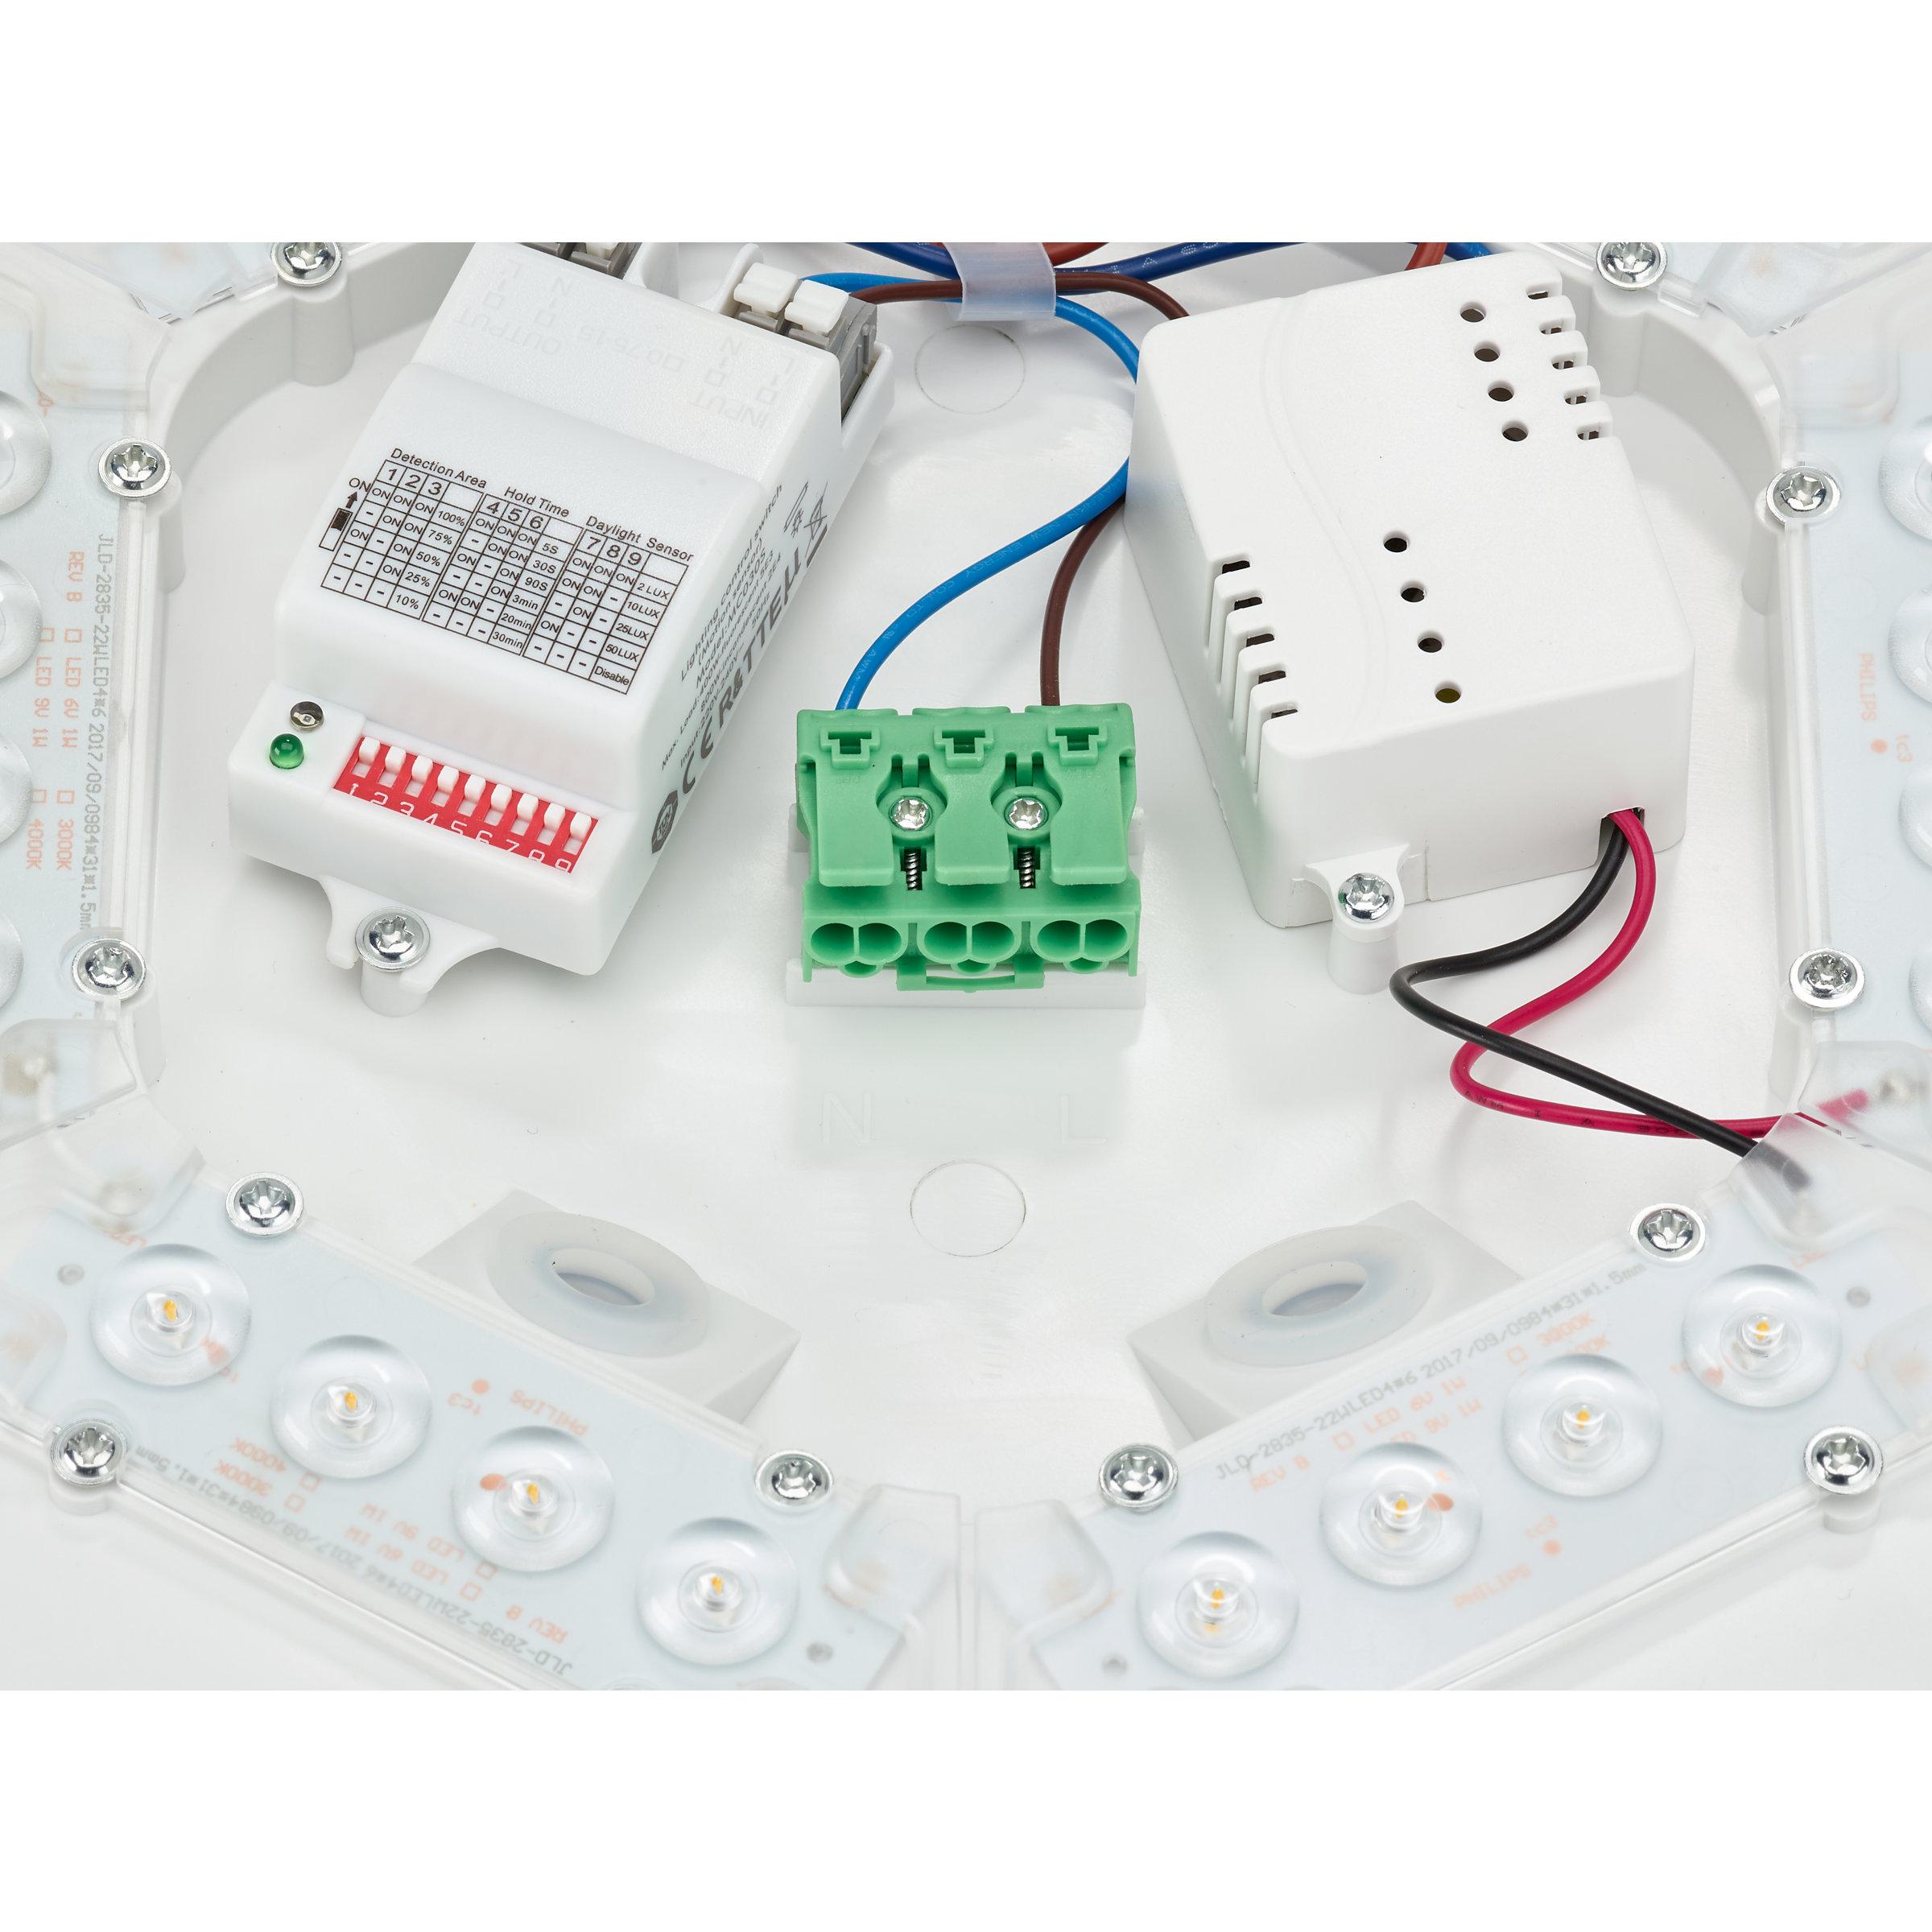 Philips CORELINE Wandlamp LED 1x22W/2000lm Wit